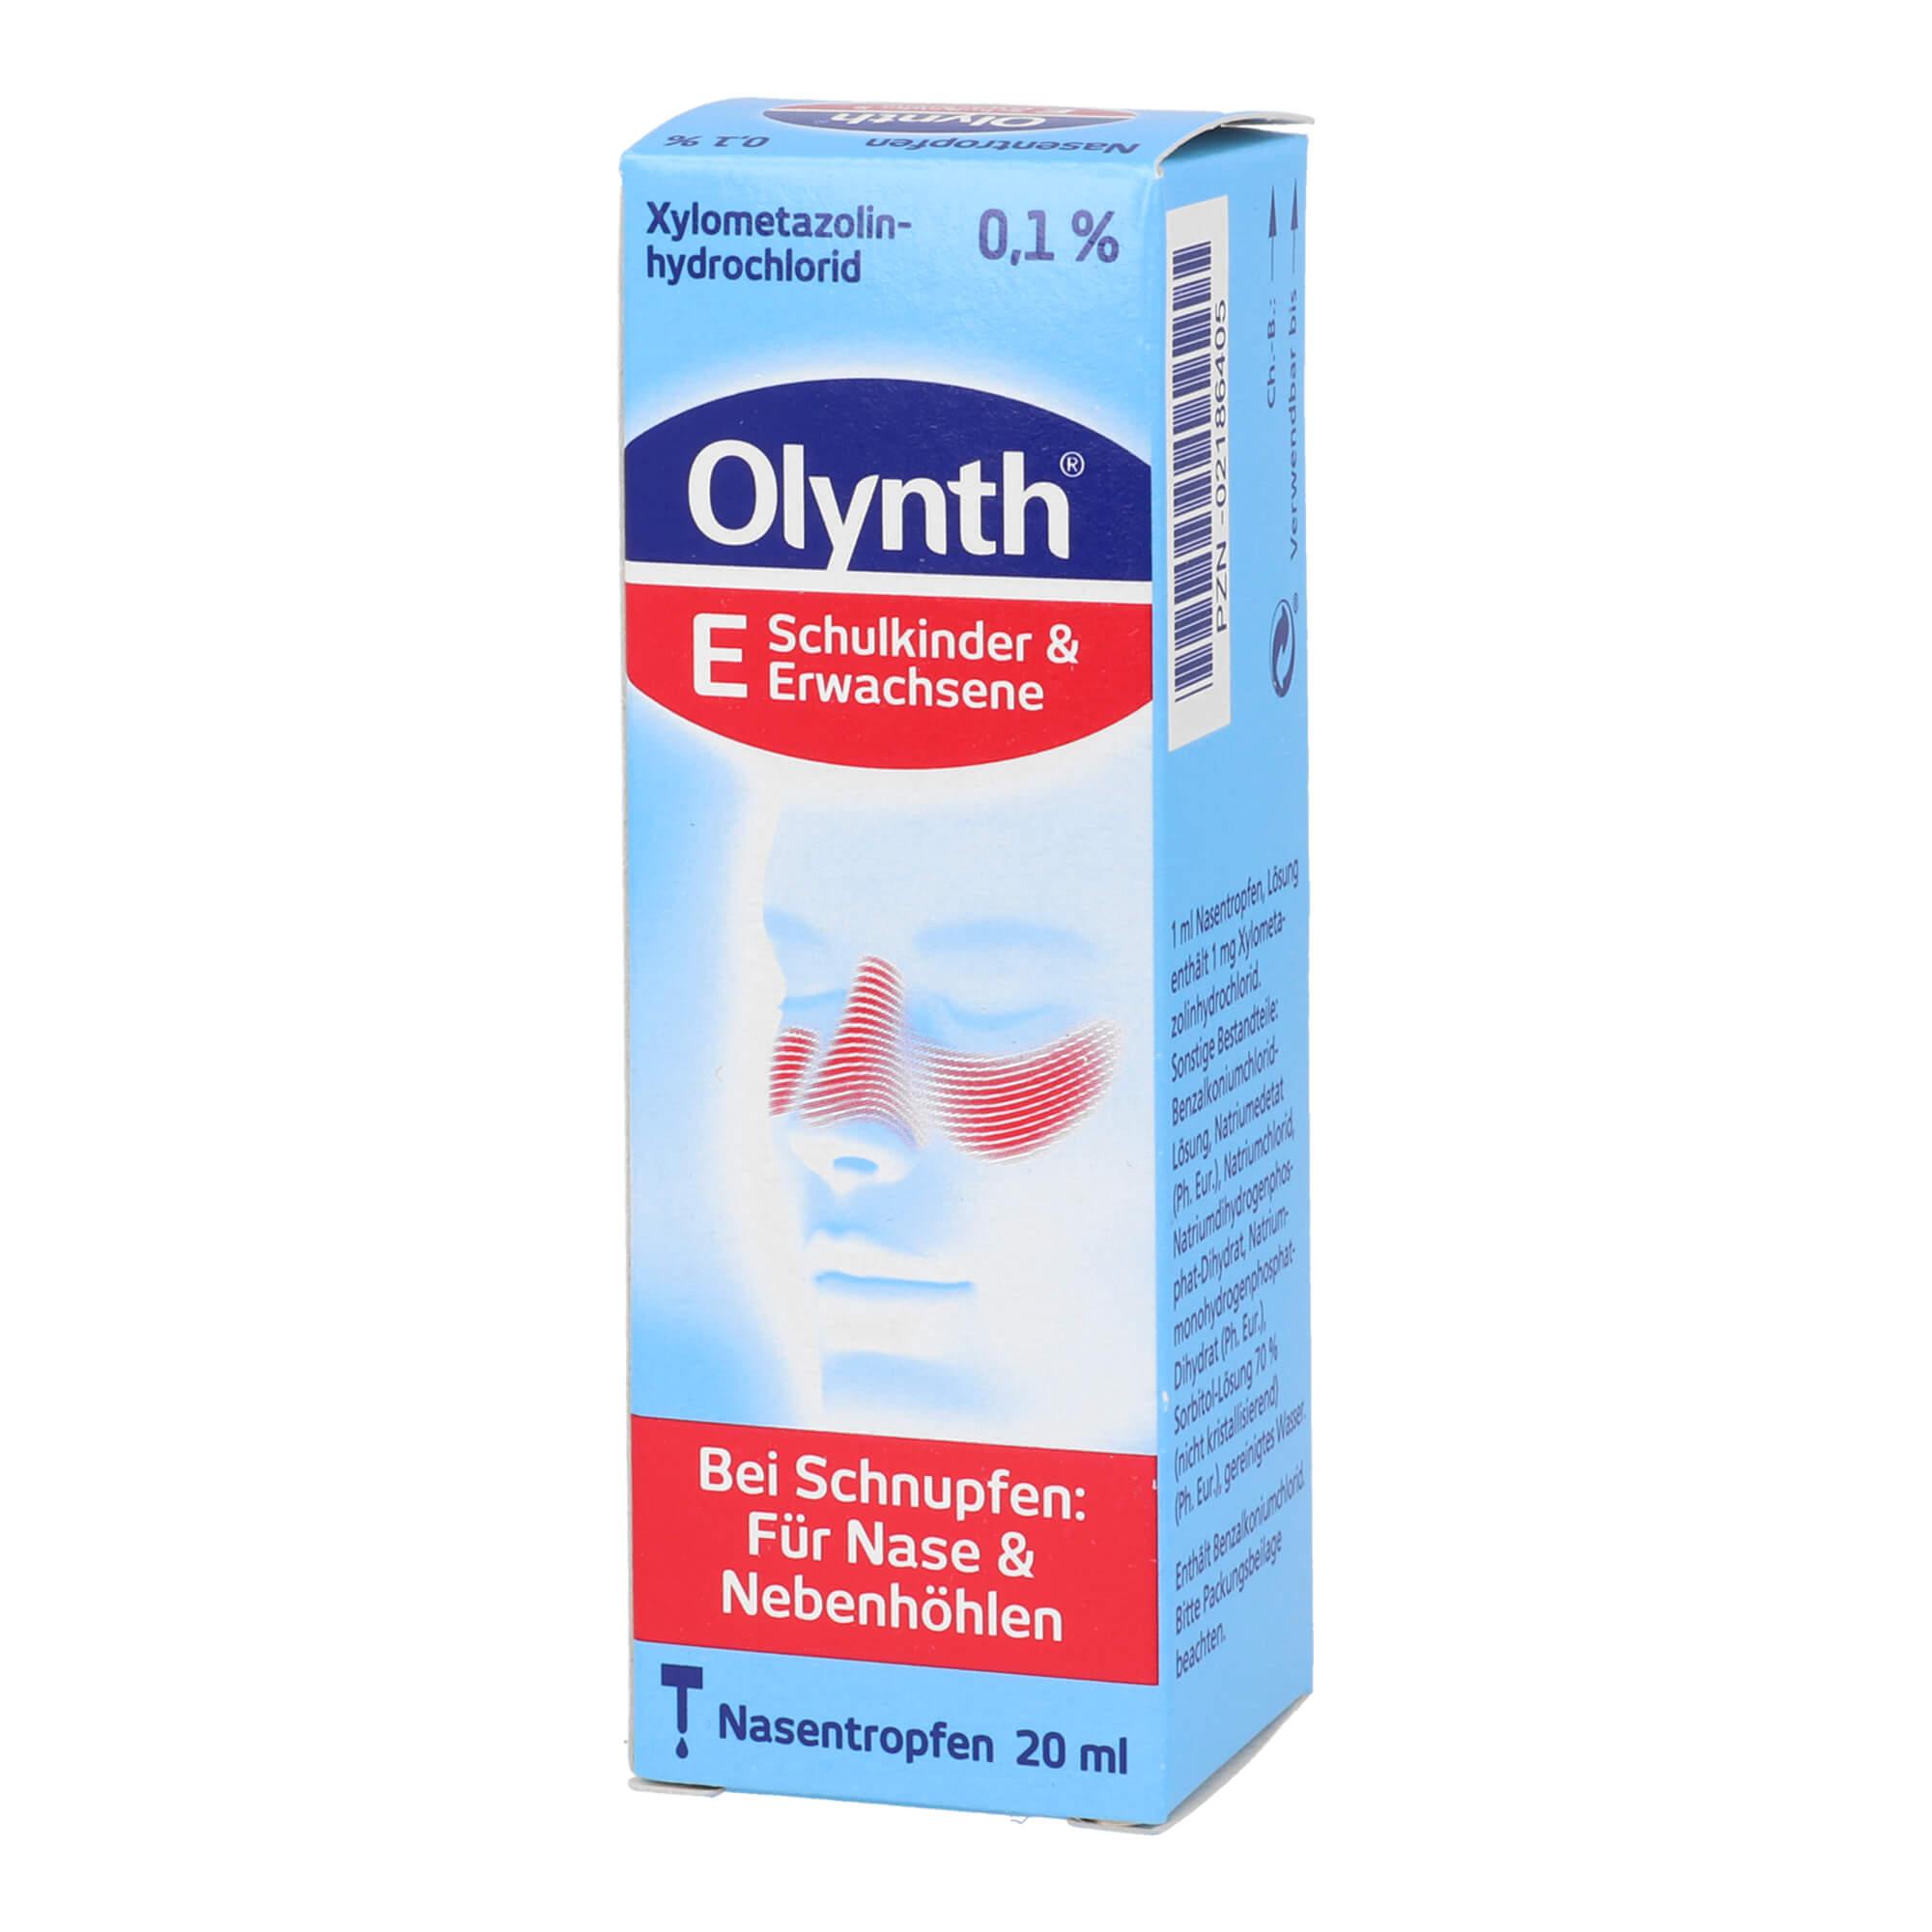 Olynth 0,1 % Schnupfen Lösung